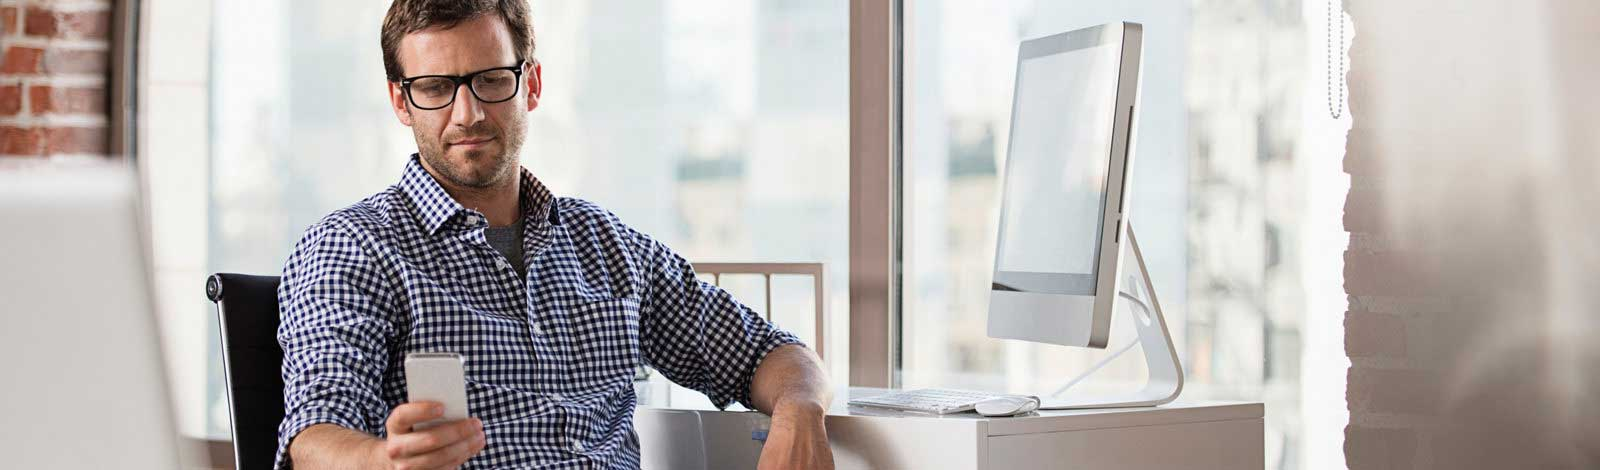 Luftkonditionering ger skön svalka på kontoret